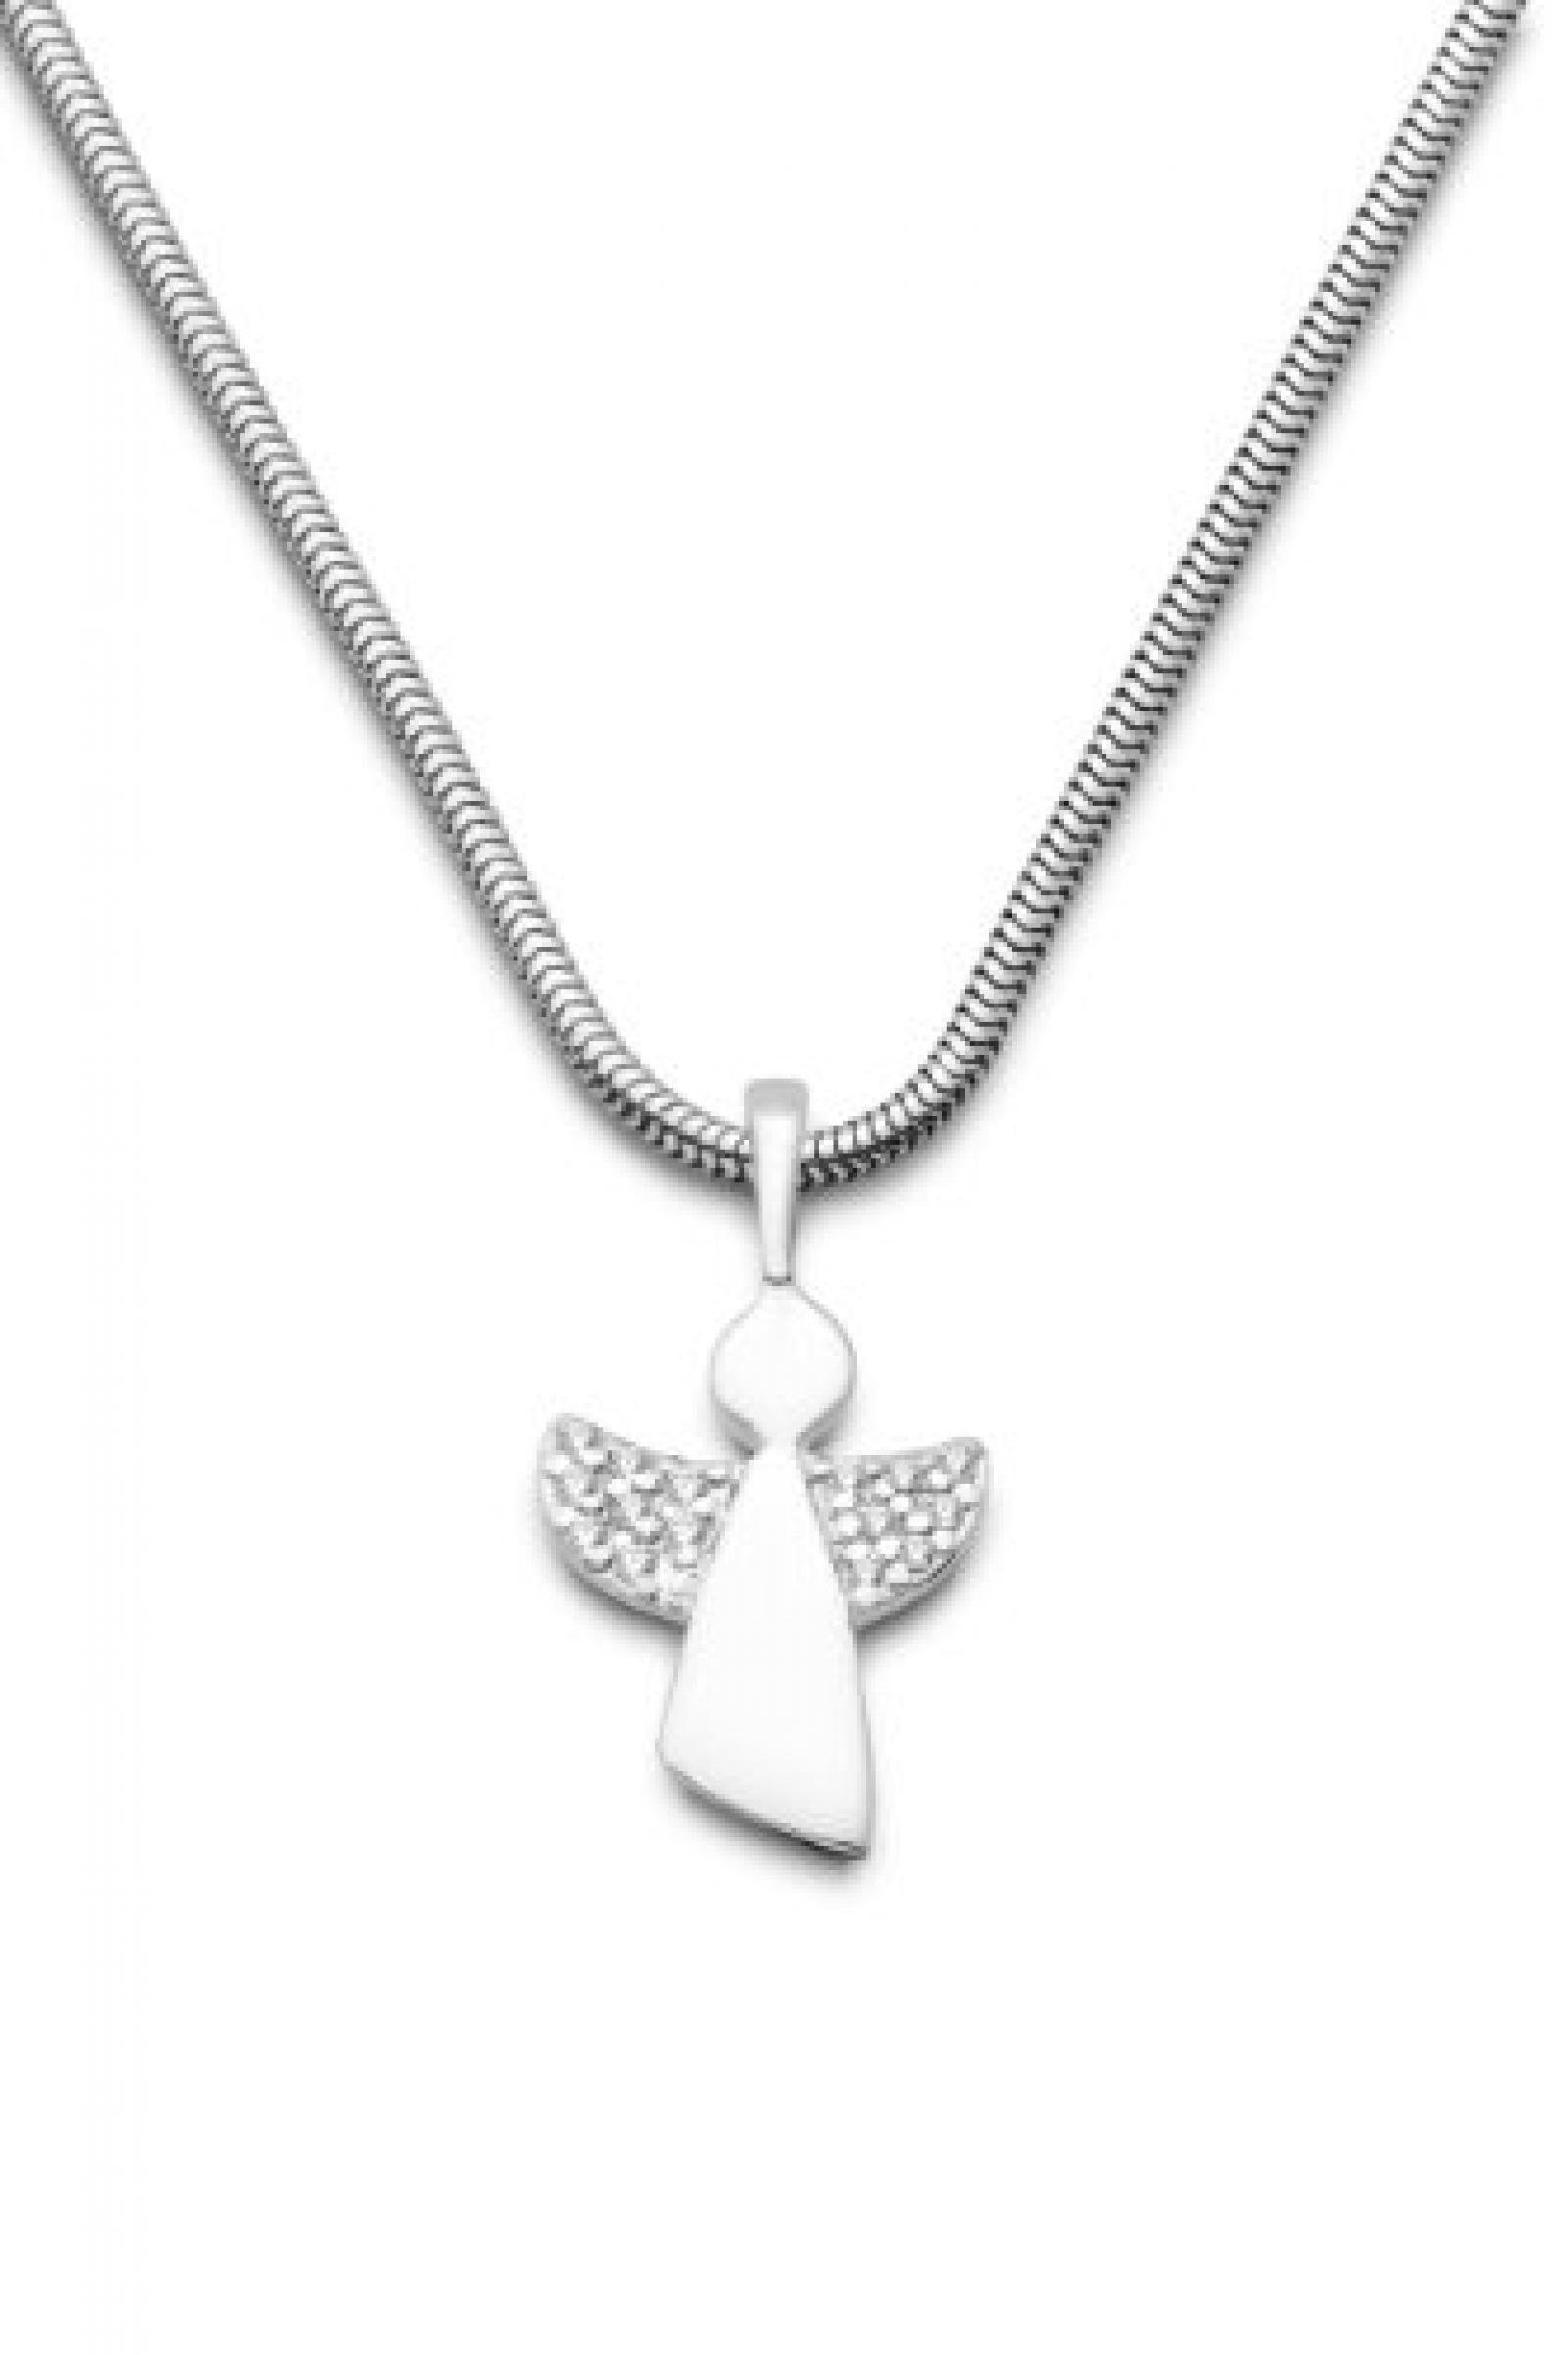 Miore Damen-Halskette 925 Sterling Silber mit Anhänger Schutzengel Zirkonia 45 cm MSM158N